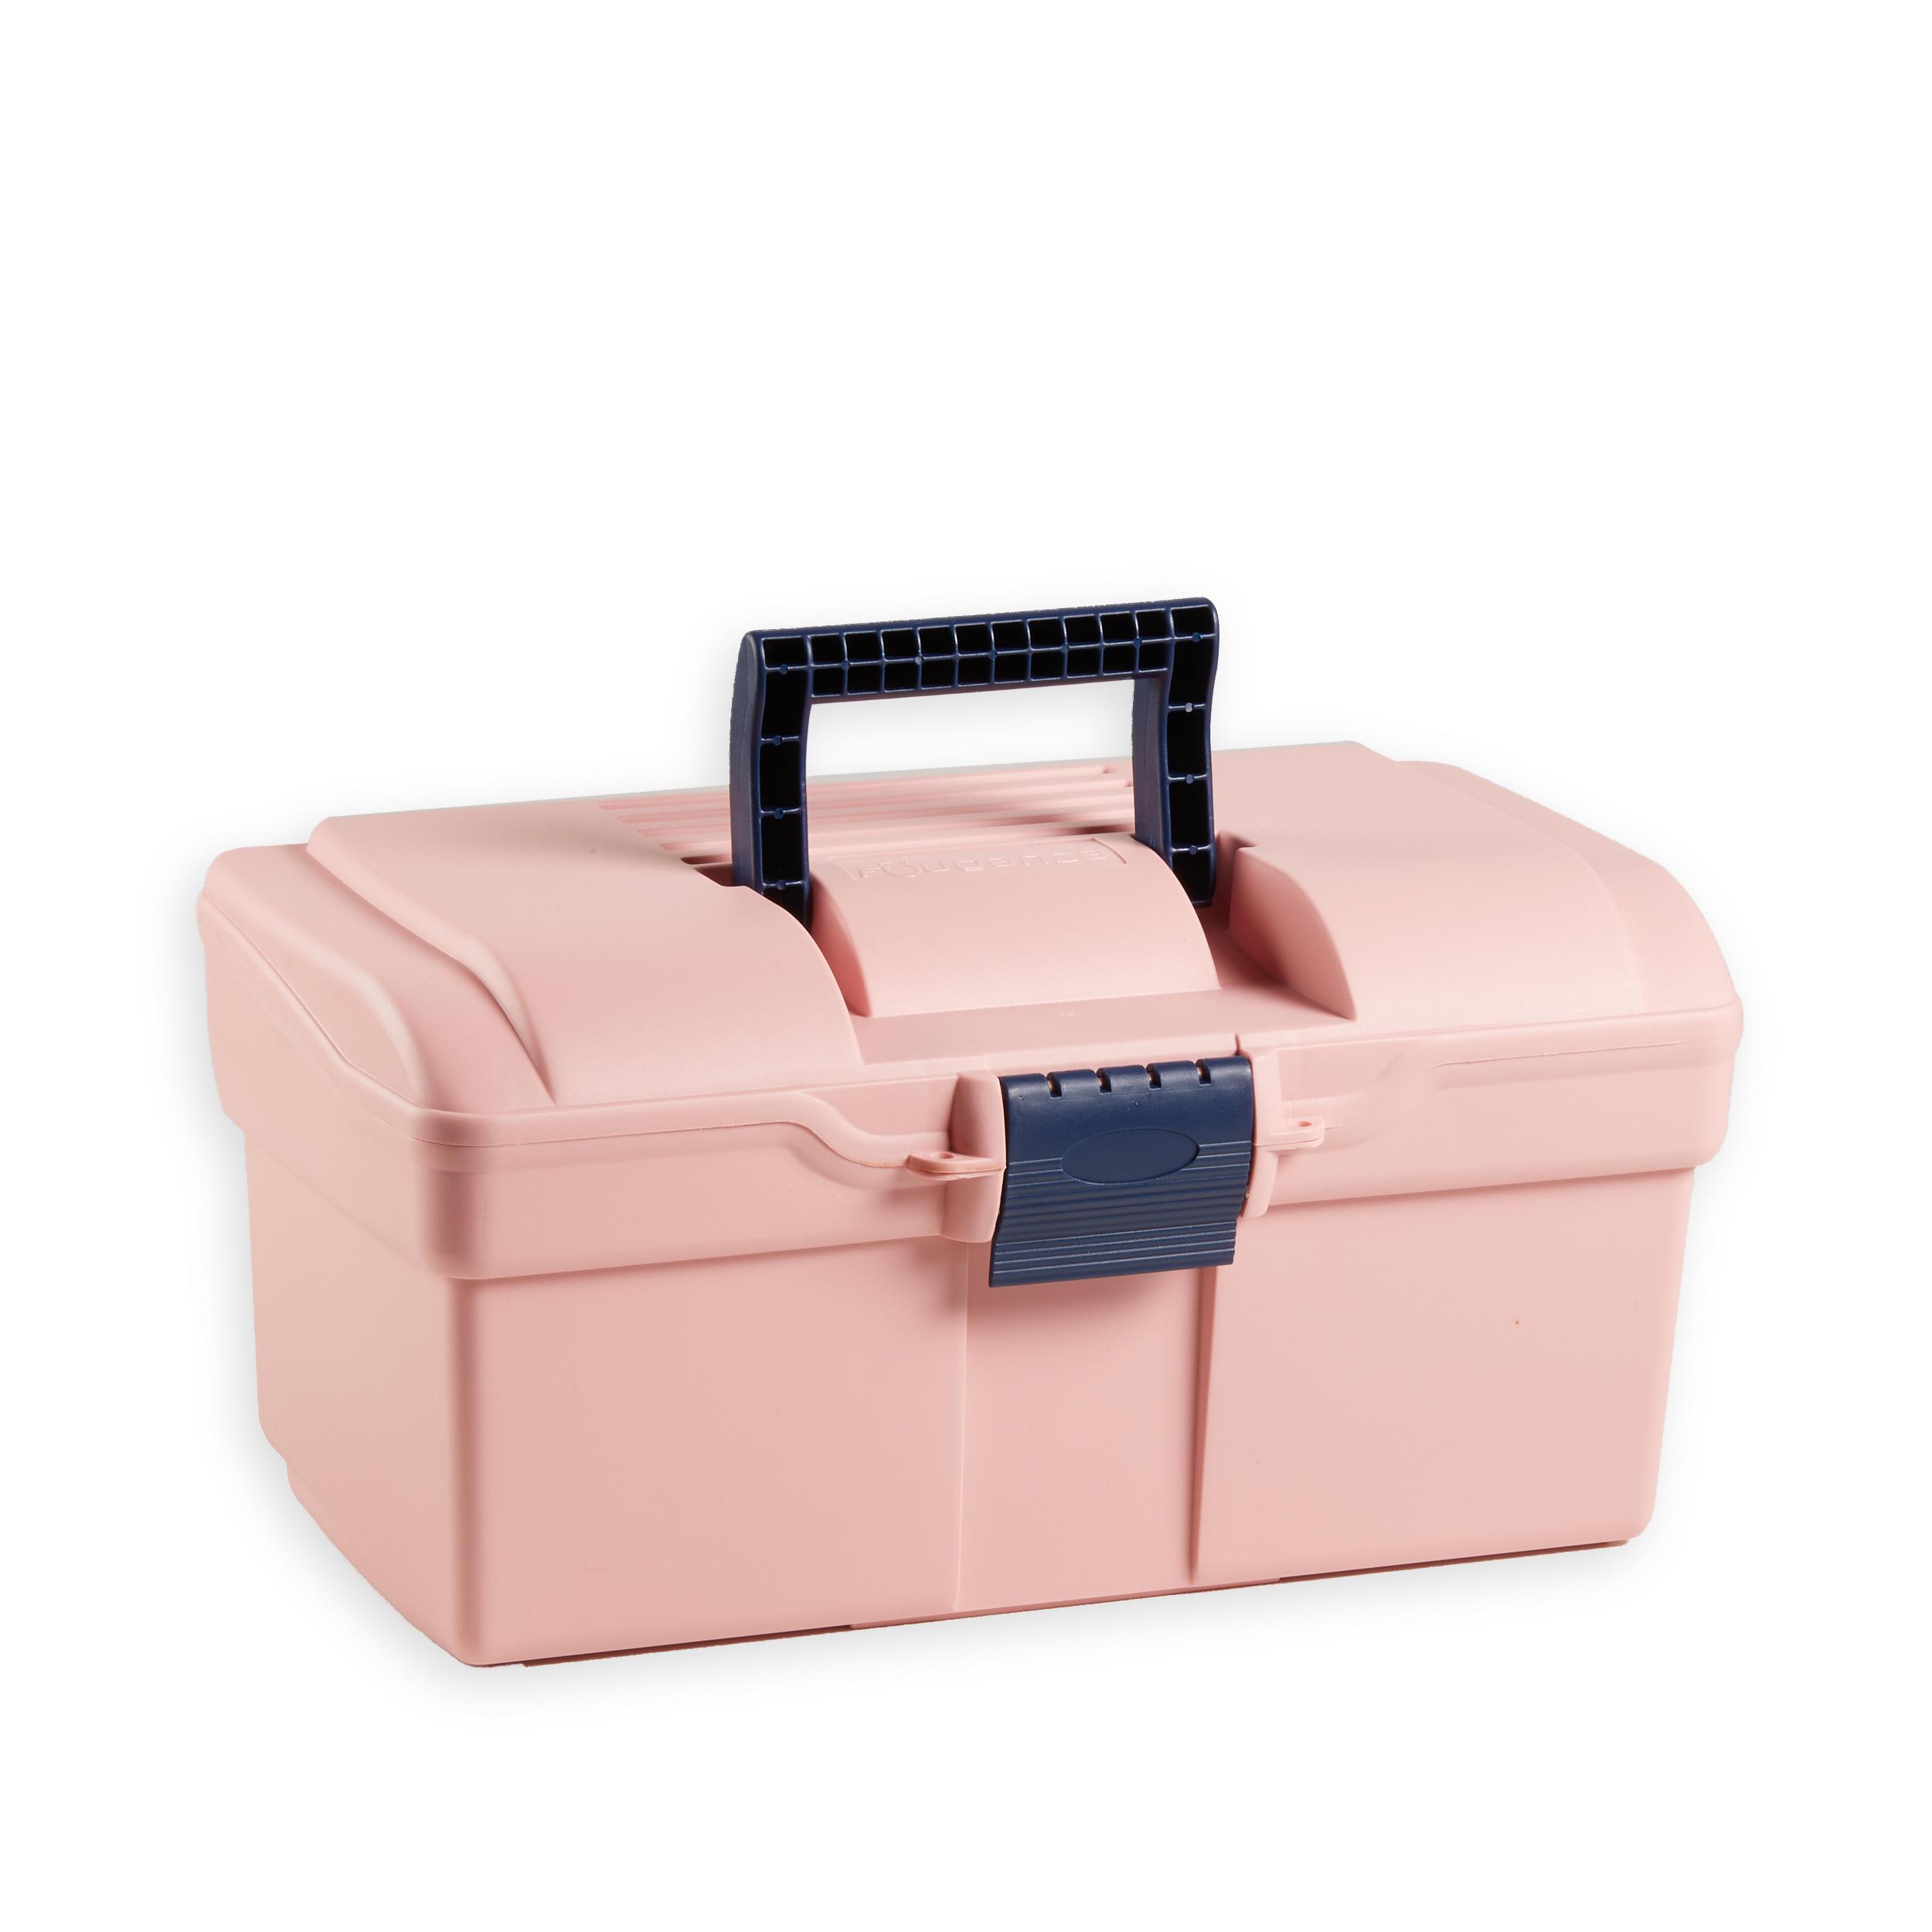 FOUGANZA Bauletto strigliatura equitazione 300 rosa-blu